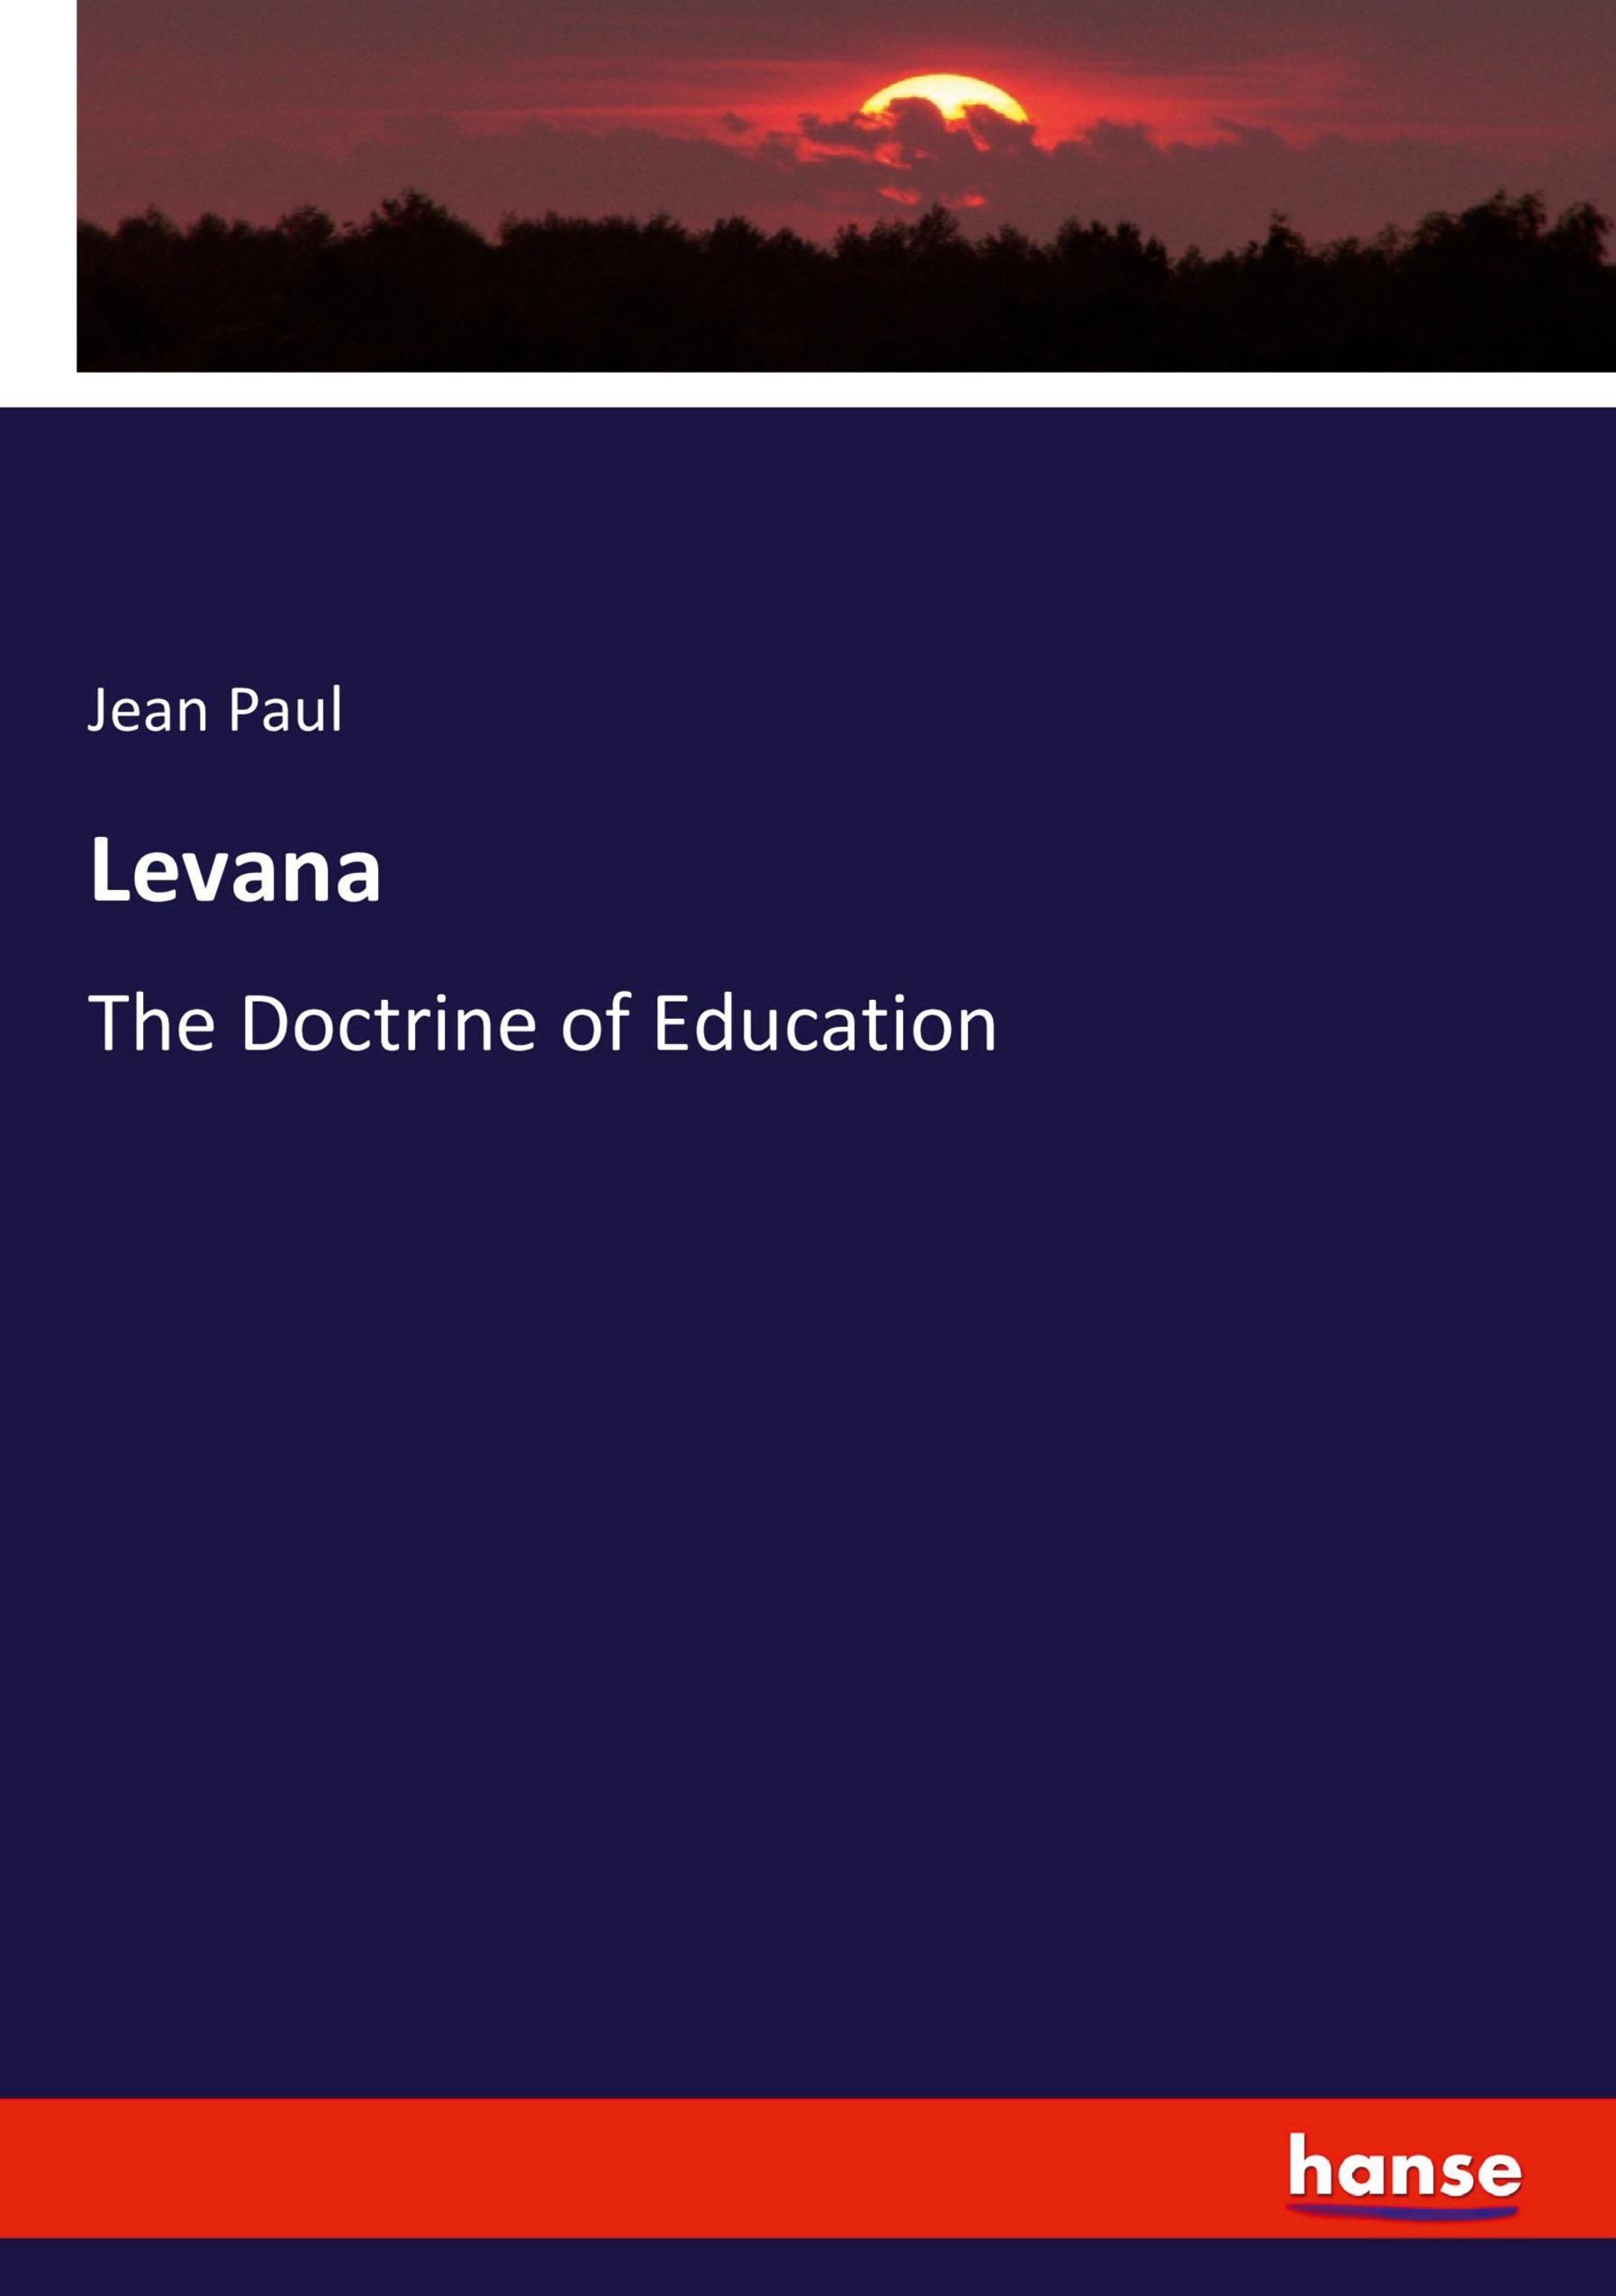 Levana Jean Paul